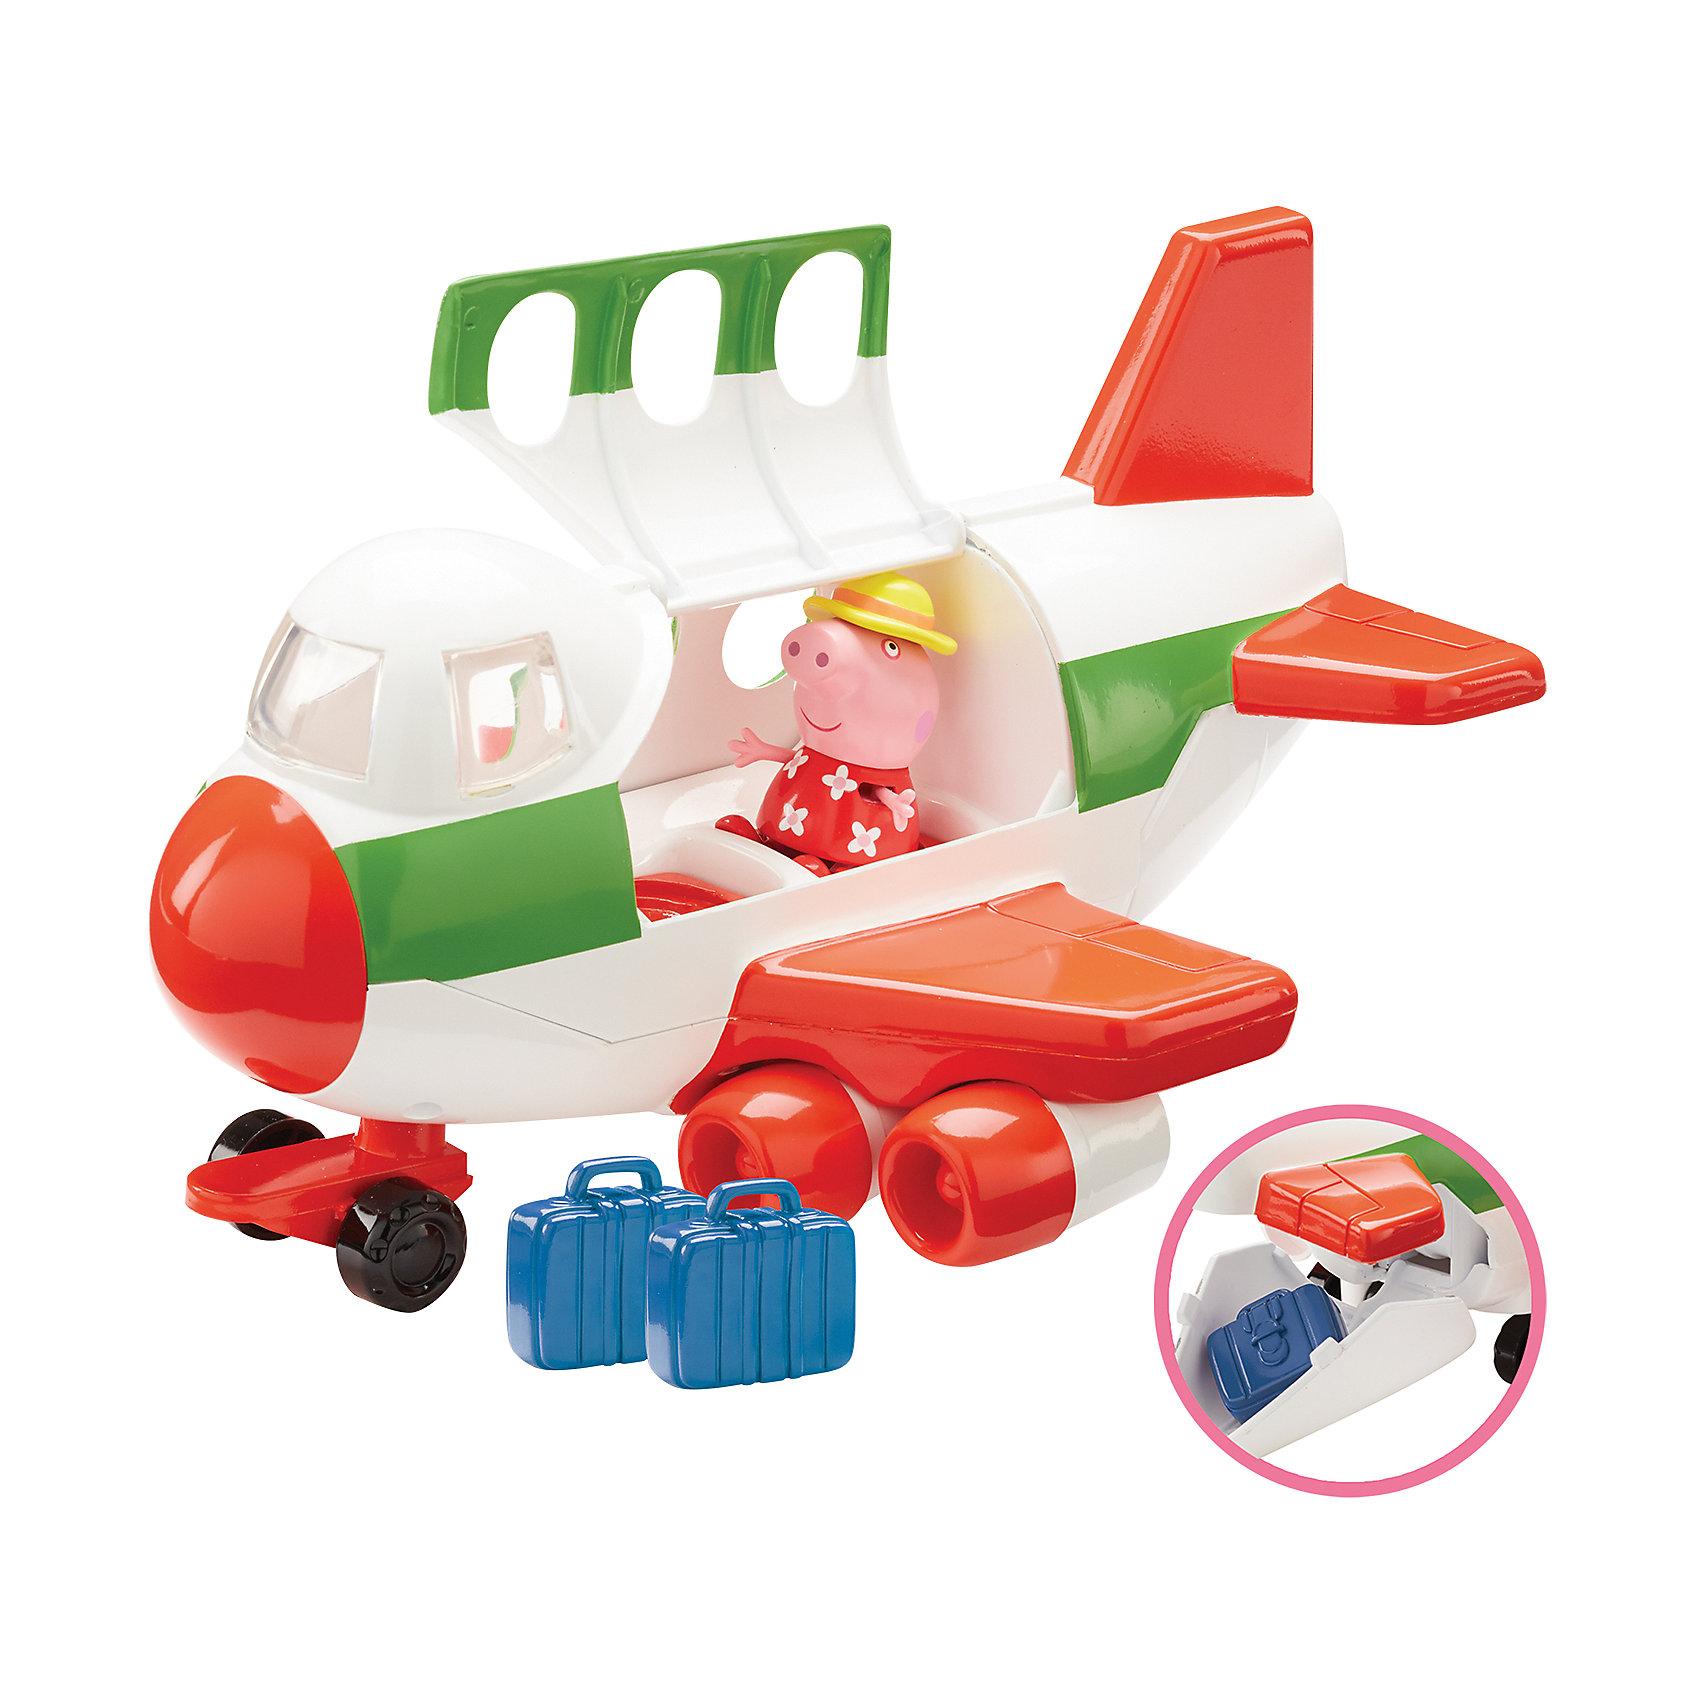 Росмэн Игровой набор Самолет, Peppa Pig peppa pig игровой набор самолет